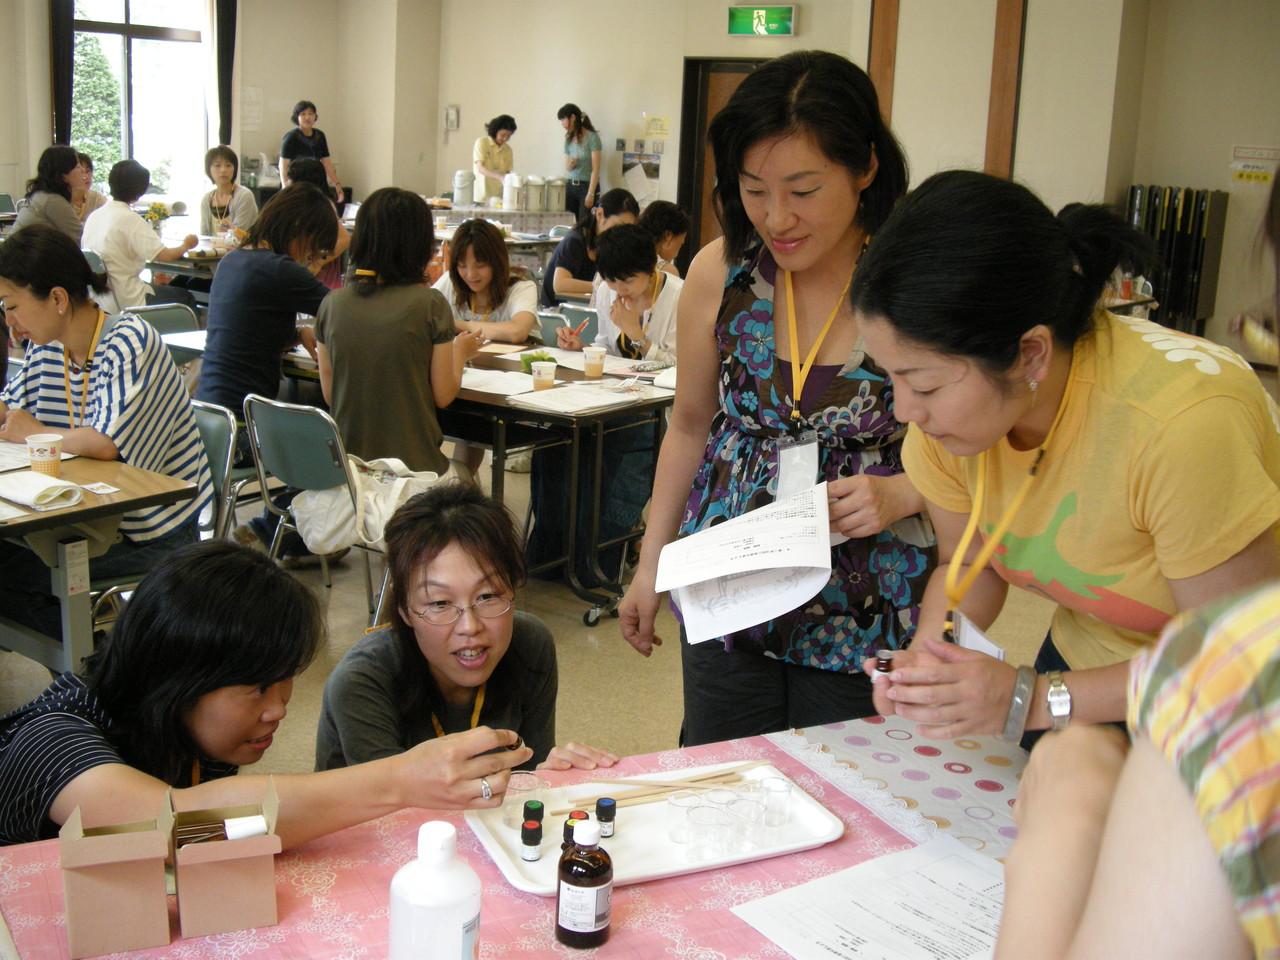 2009宇都宮市民大学で誕生